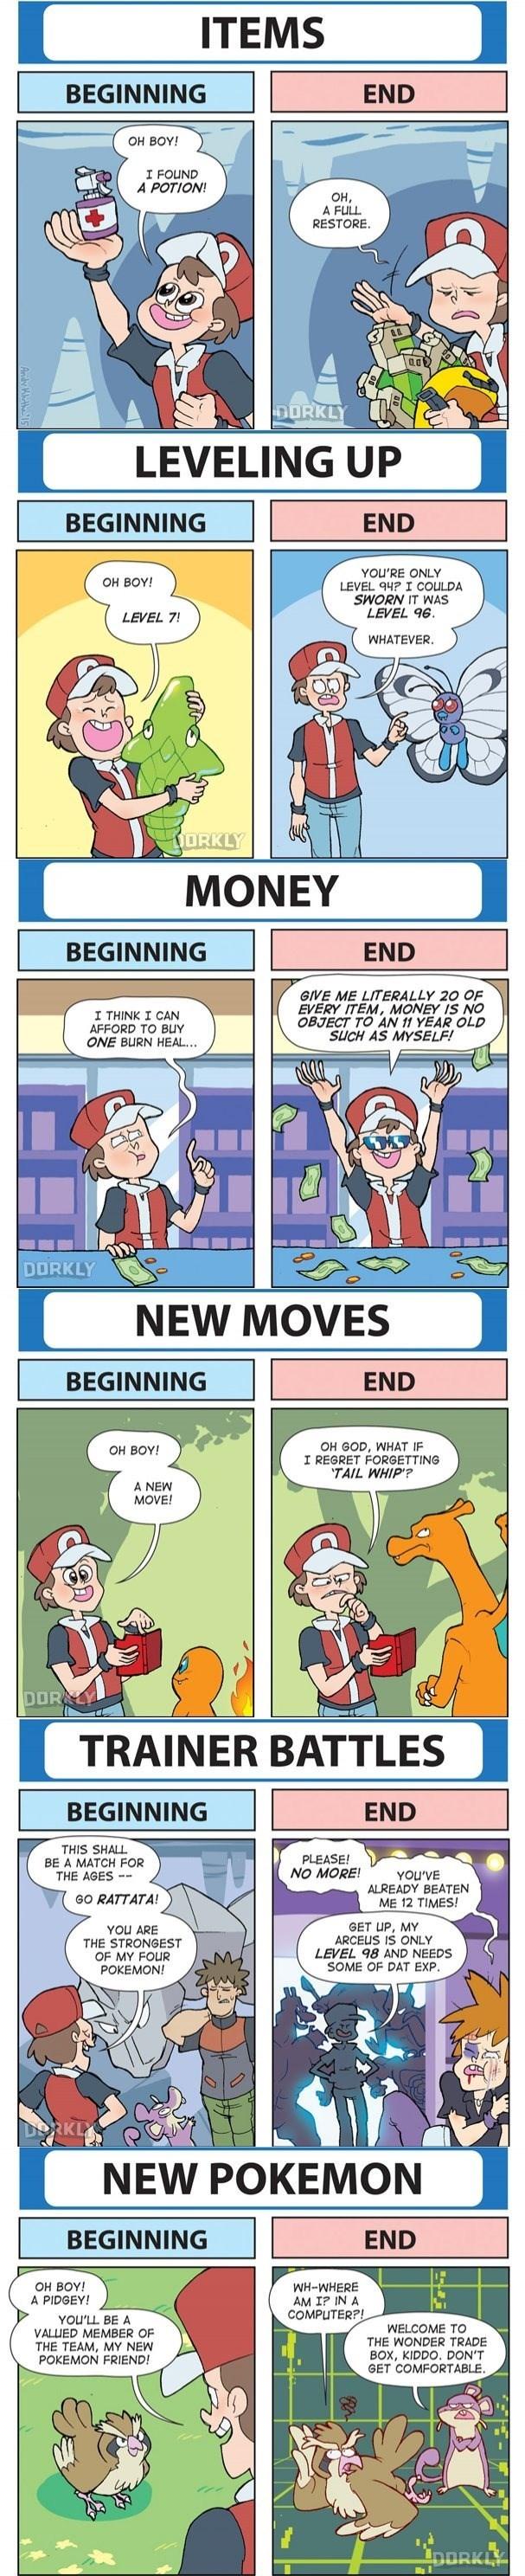 pokemon memes beginning vs end of game